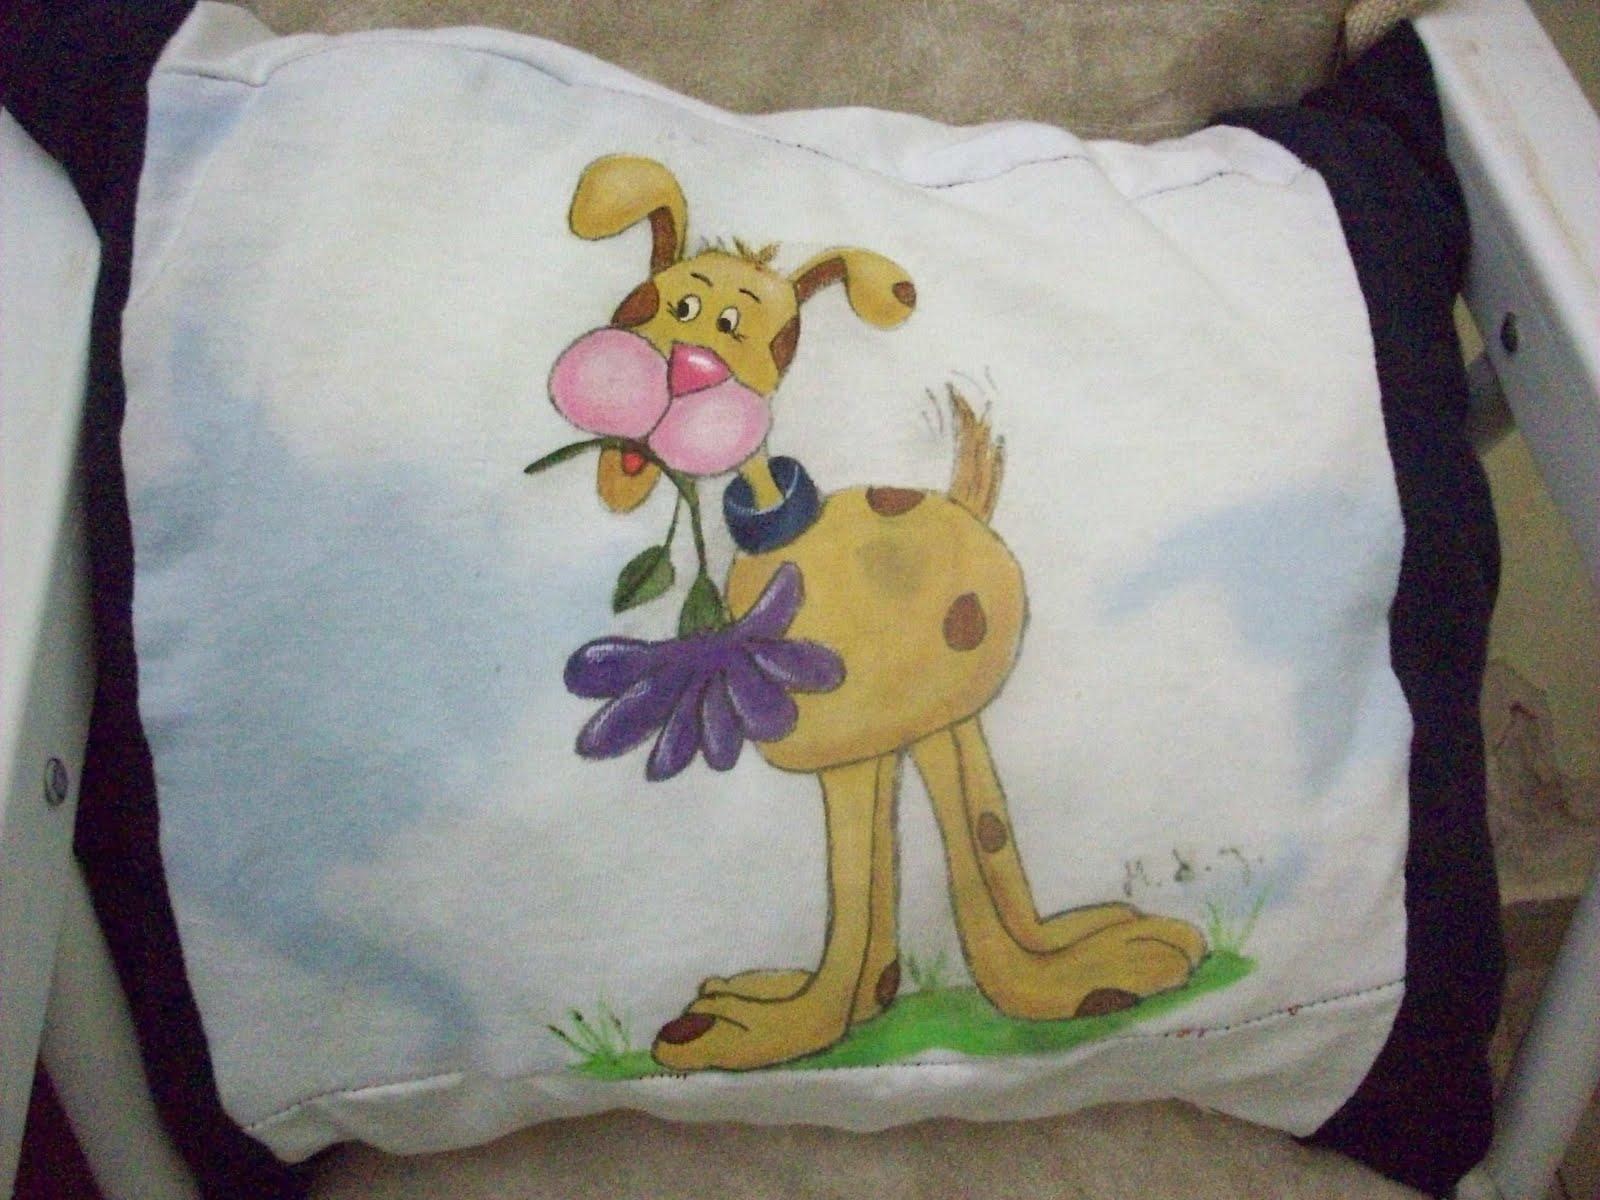 Pintar perrito sobre la tela de un almohadon infantil